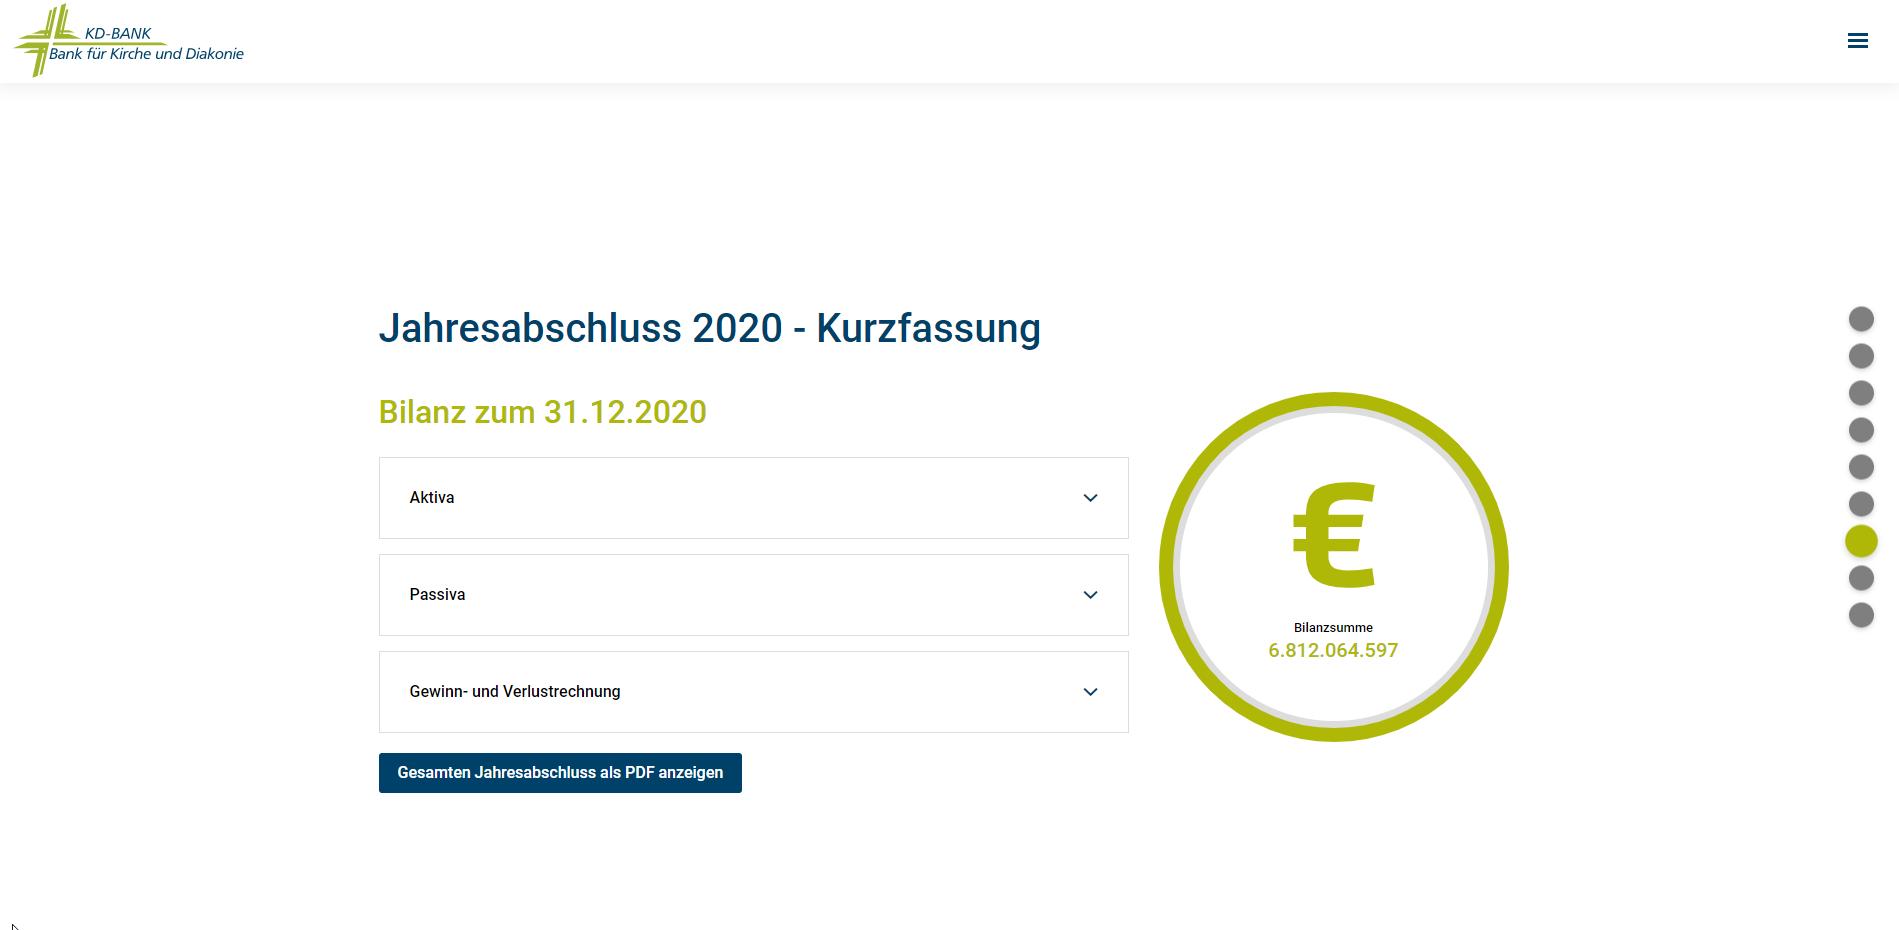 Digitaler Geschäftsbericht - KD-Bank